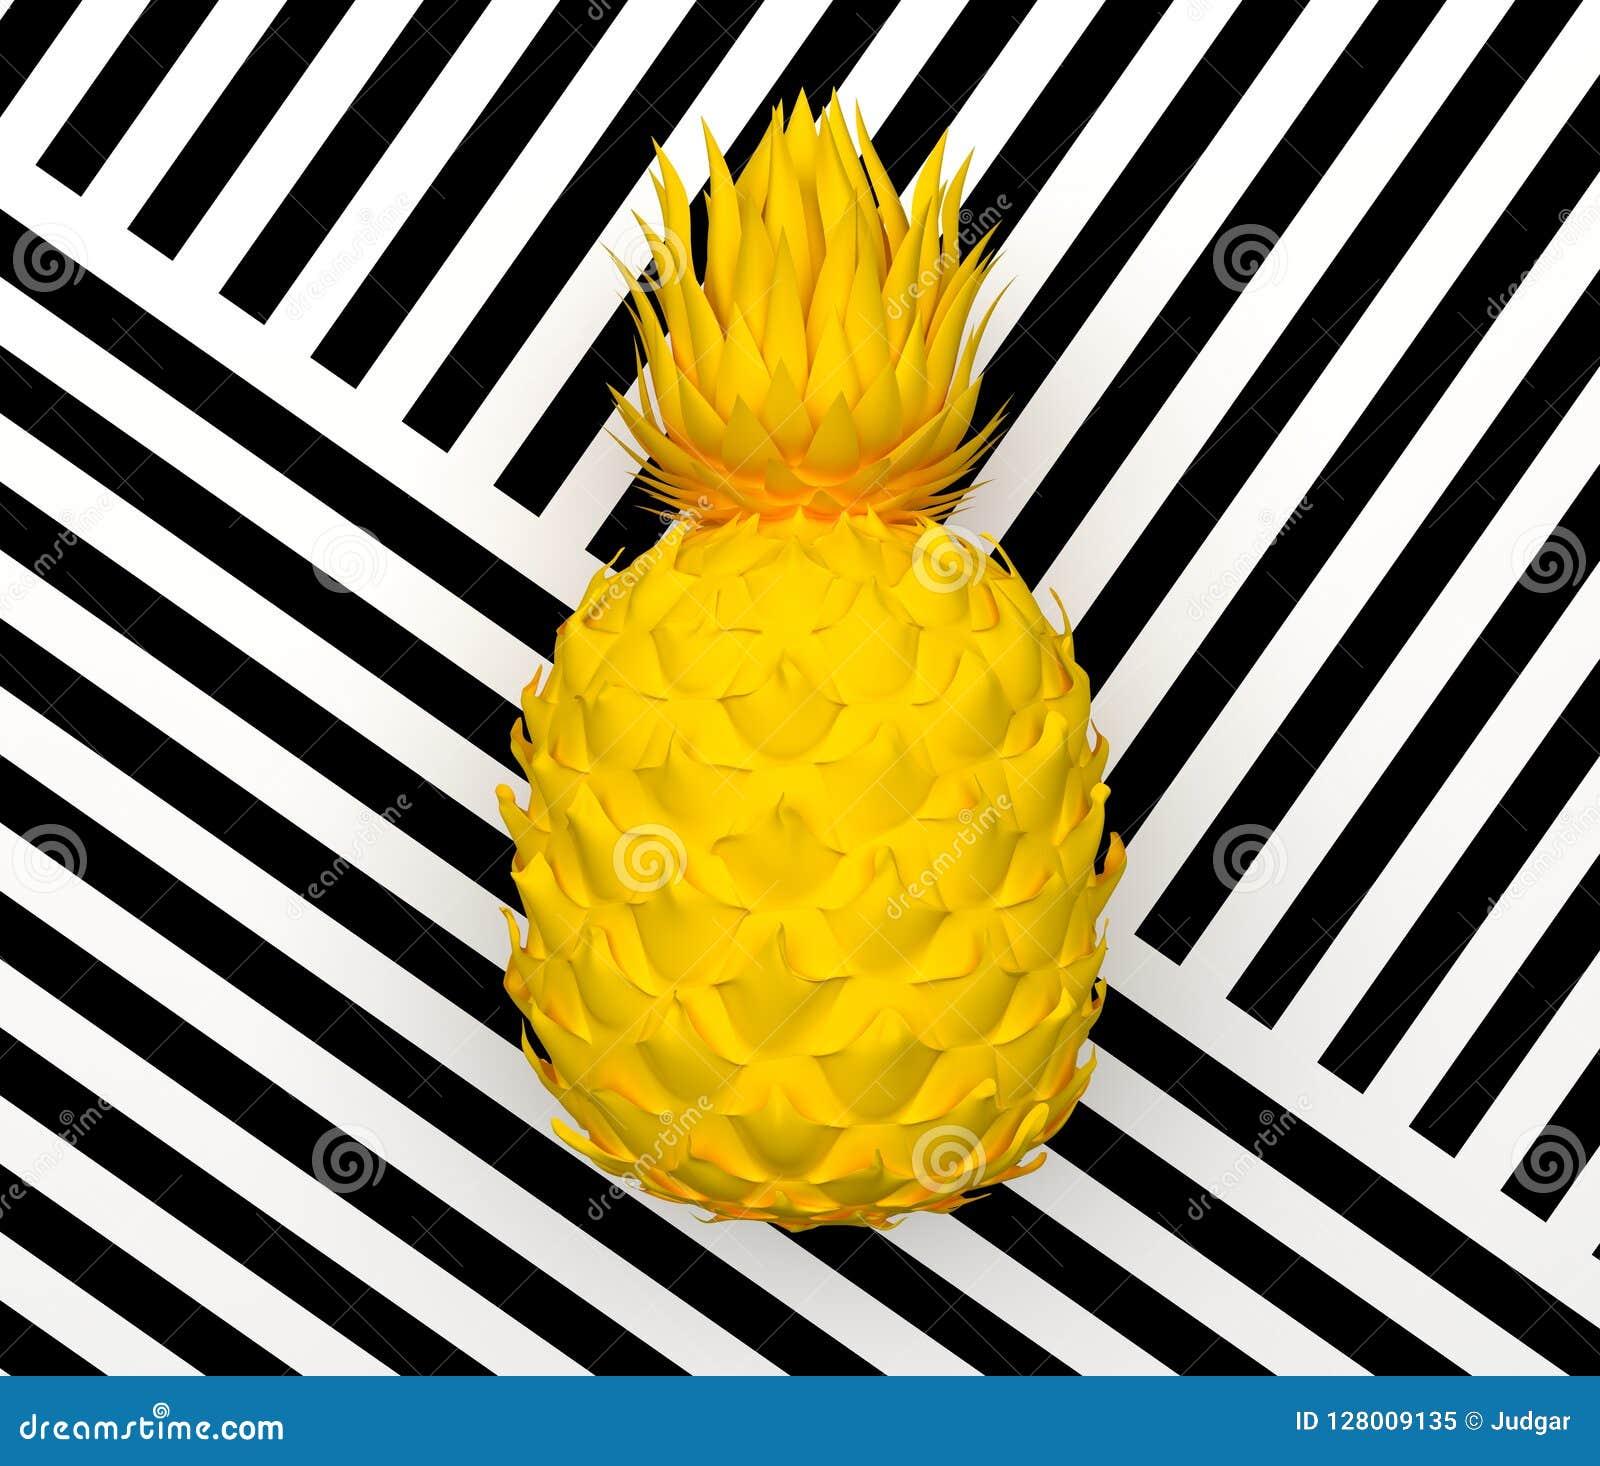 Seul ananas abstrait jaune d isolement sur un fond avec une rayure noire et blanche Fruit exotique tropical rendu 3d